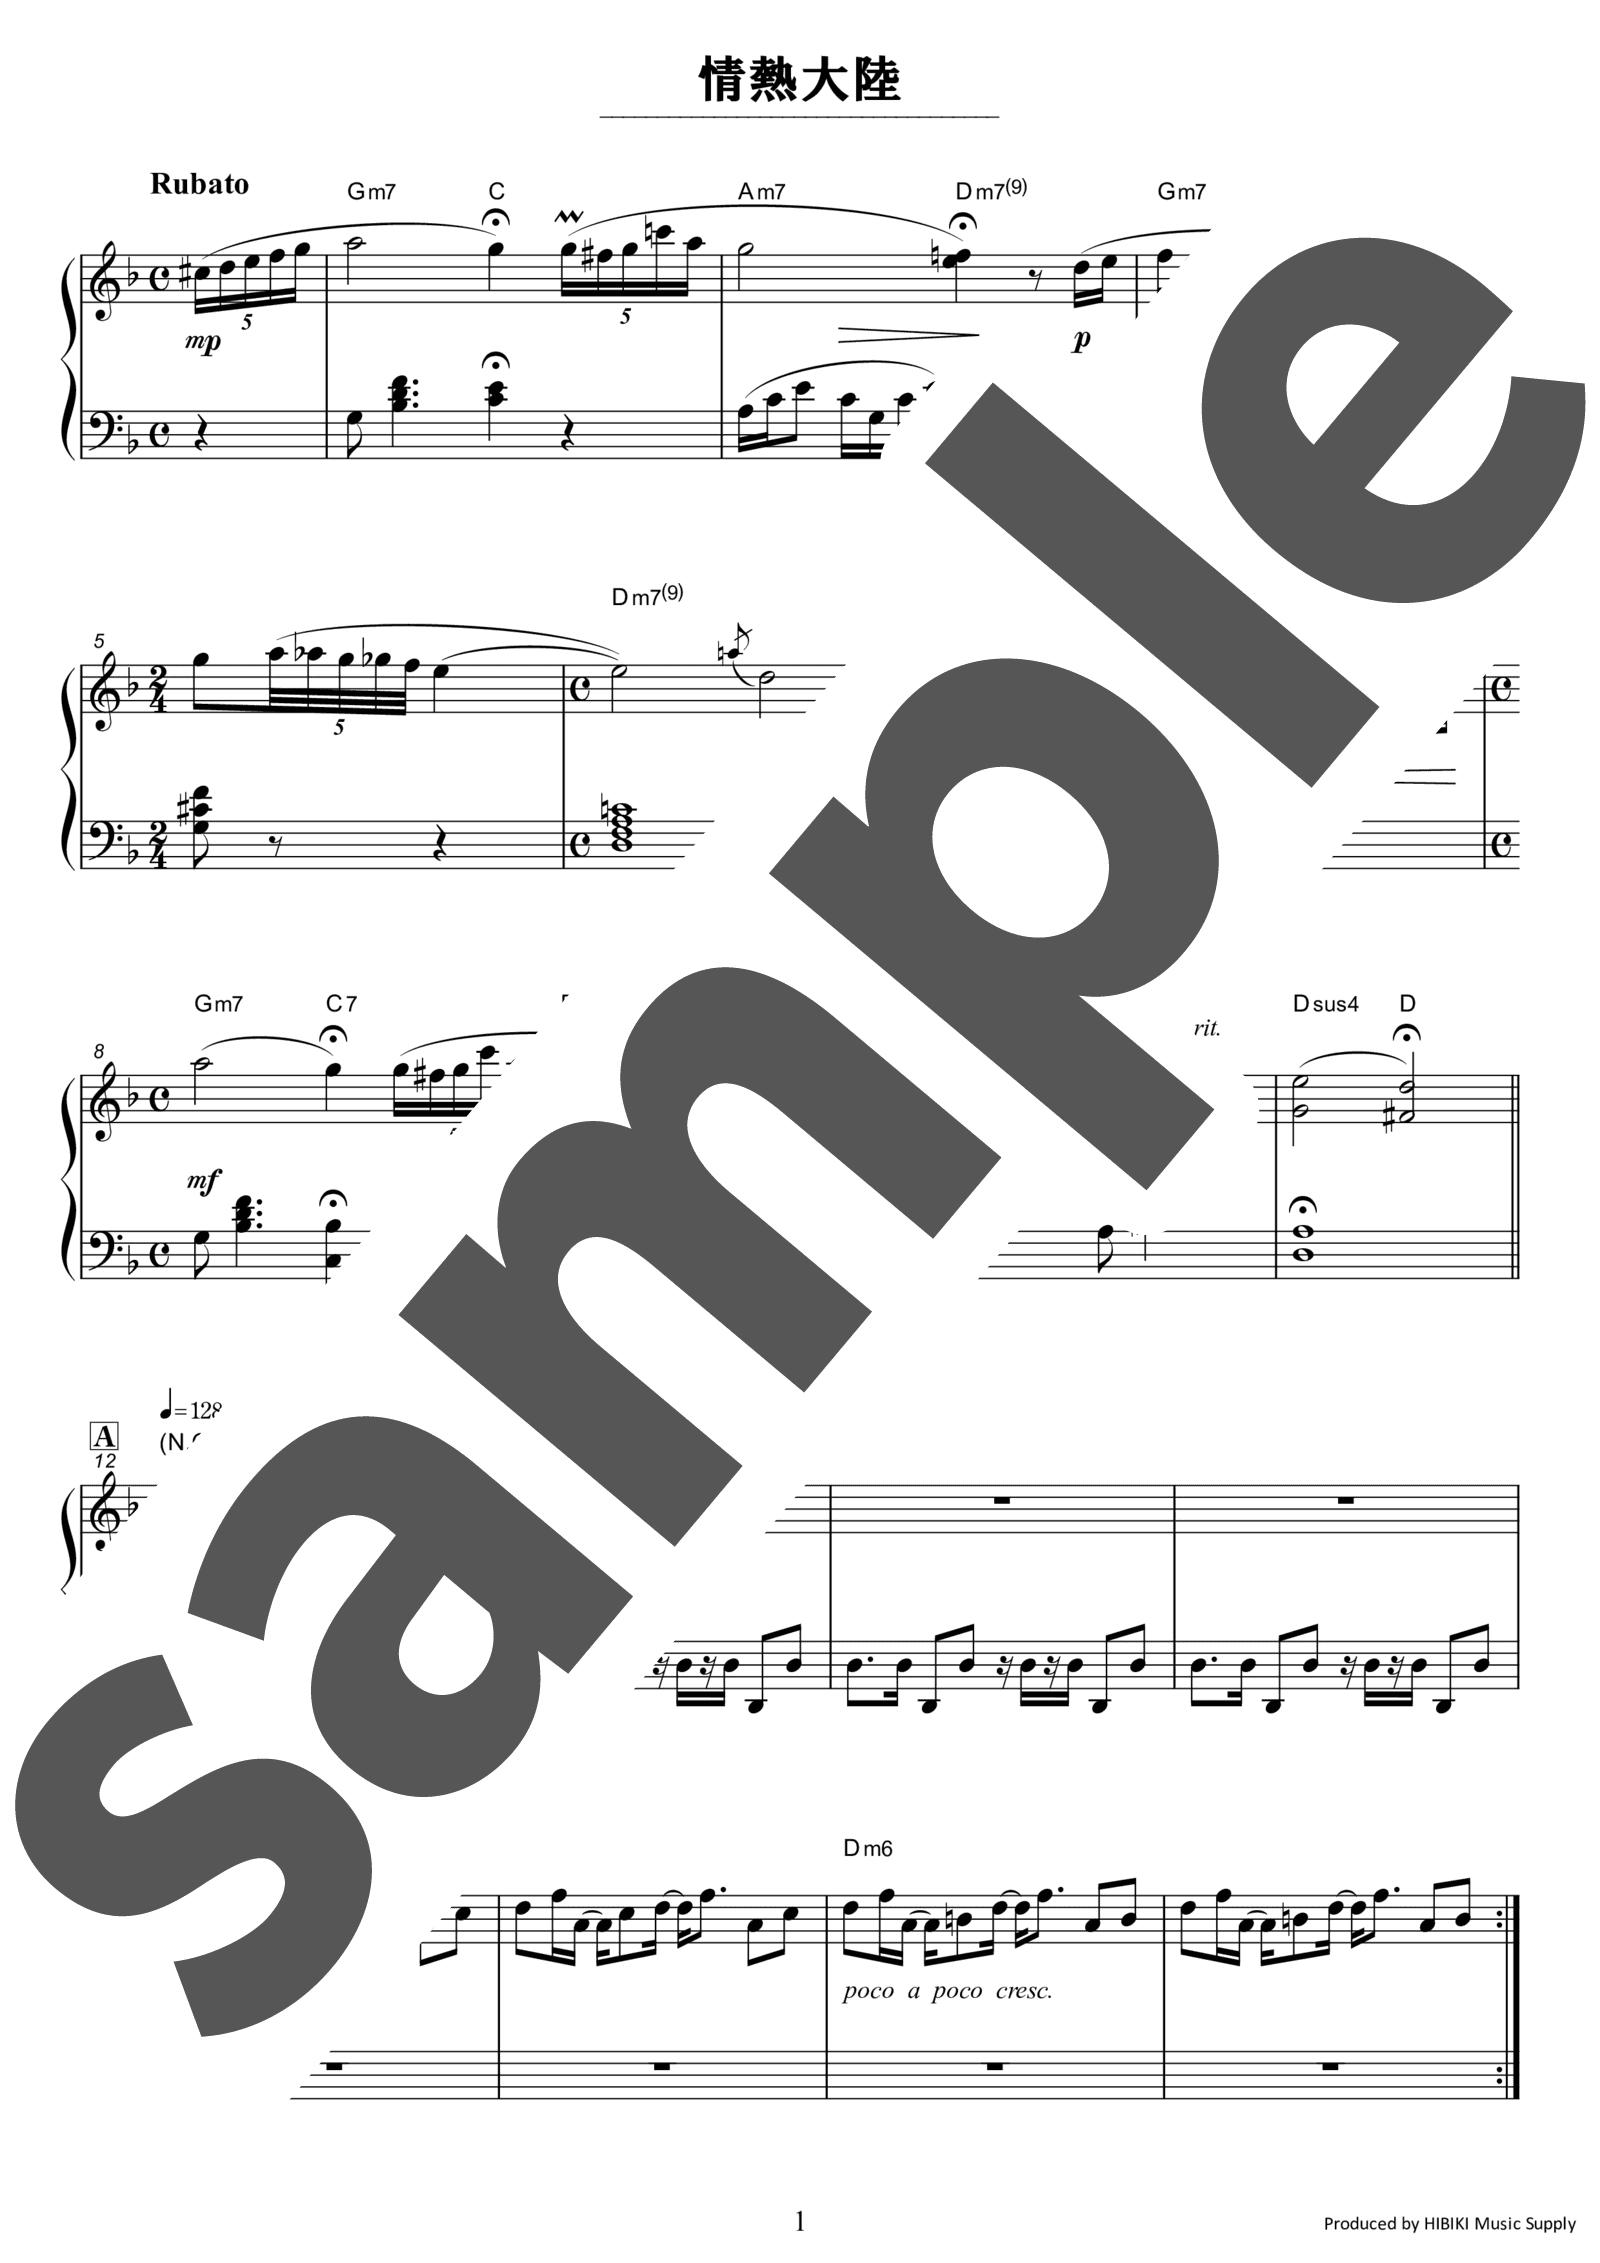 「情熱大陸」のサンプル楽譜